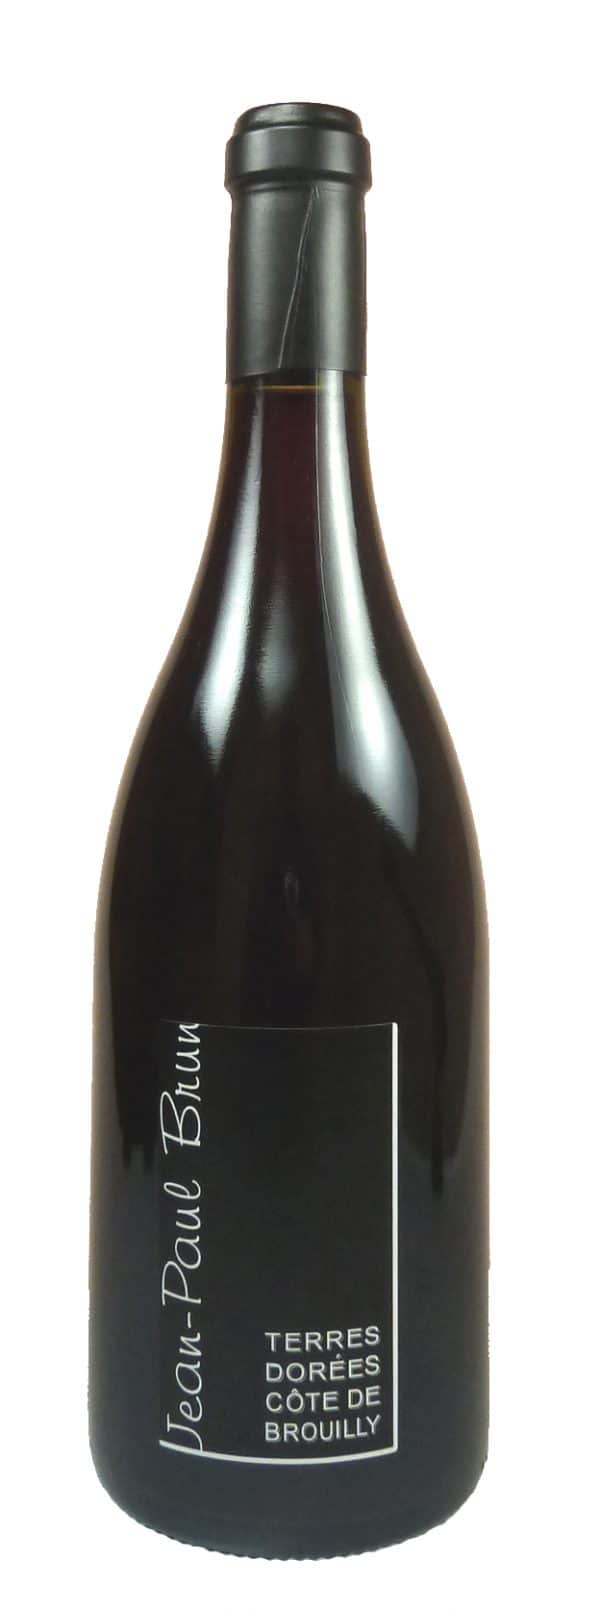 6 Flaschen 2018 Côte de Brouilly Domaine des Terres Dorées